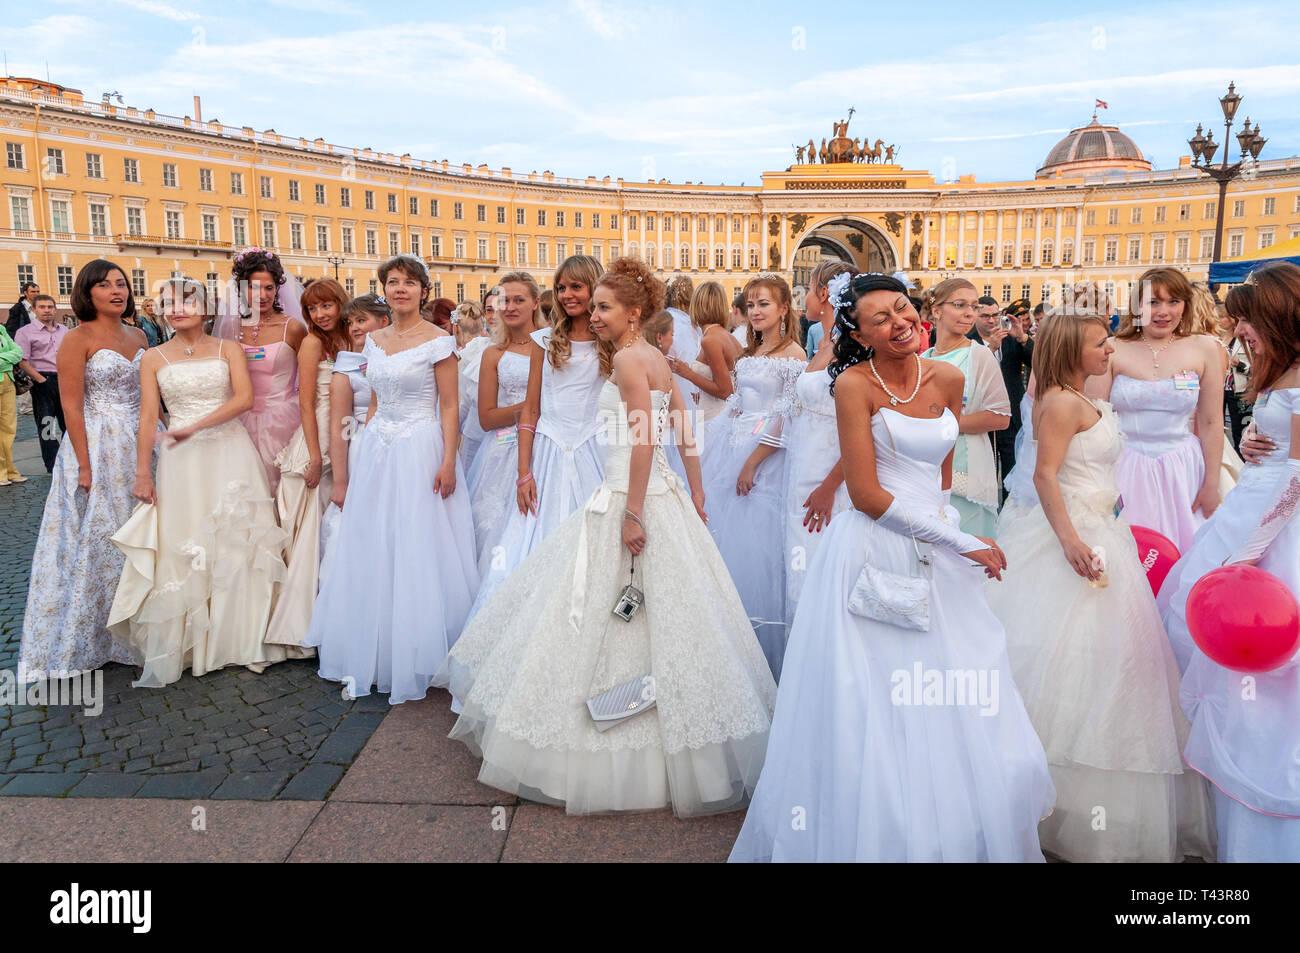 10cab827e Grupo de jóvenes mujeres que llevaban vestidos de novia en ...